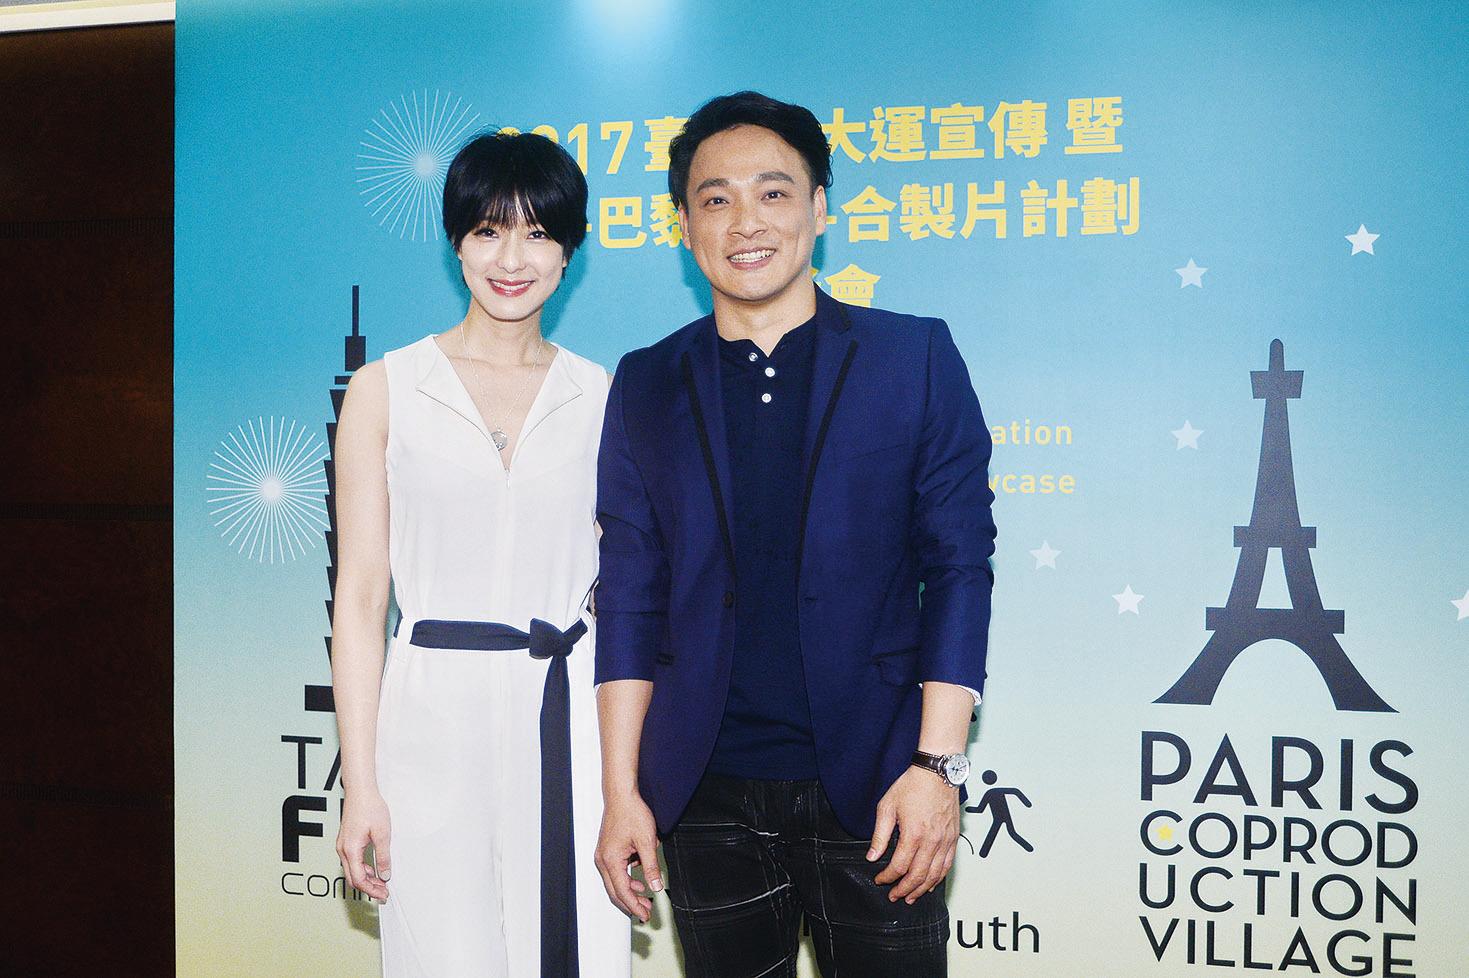 賴雅妍期待再過電影癮   東明相為演戲「拼了」